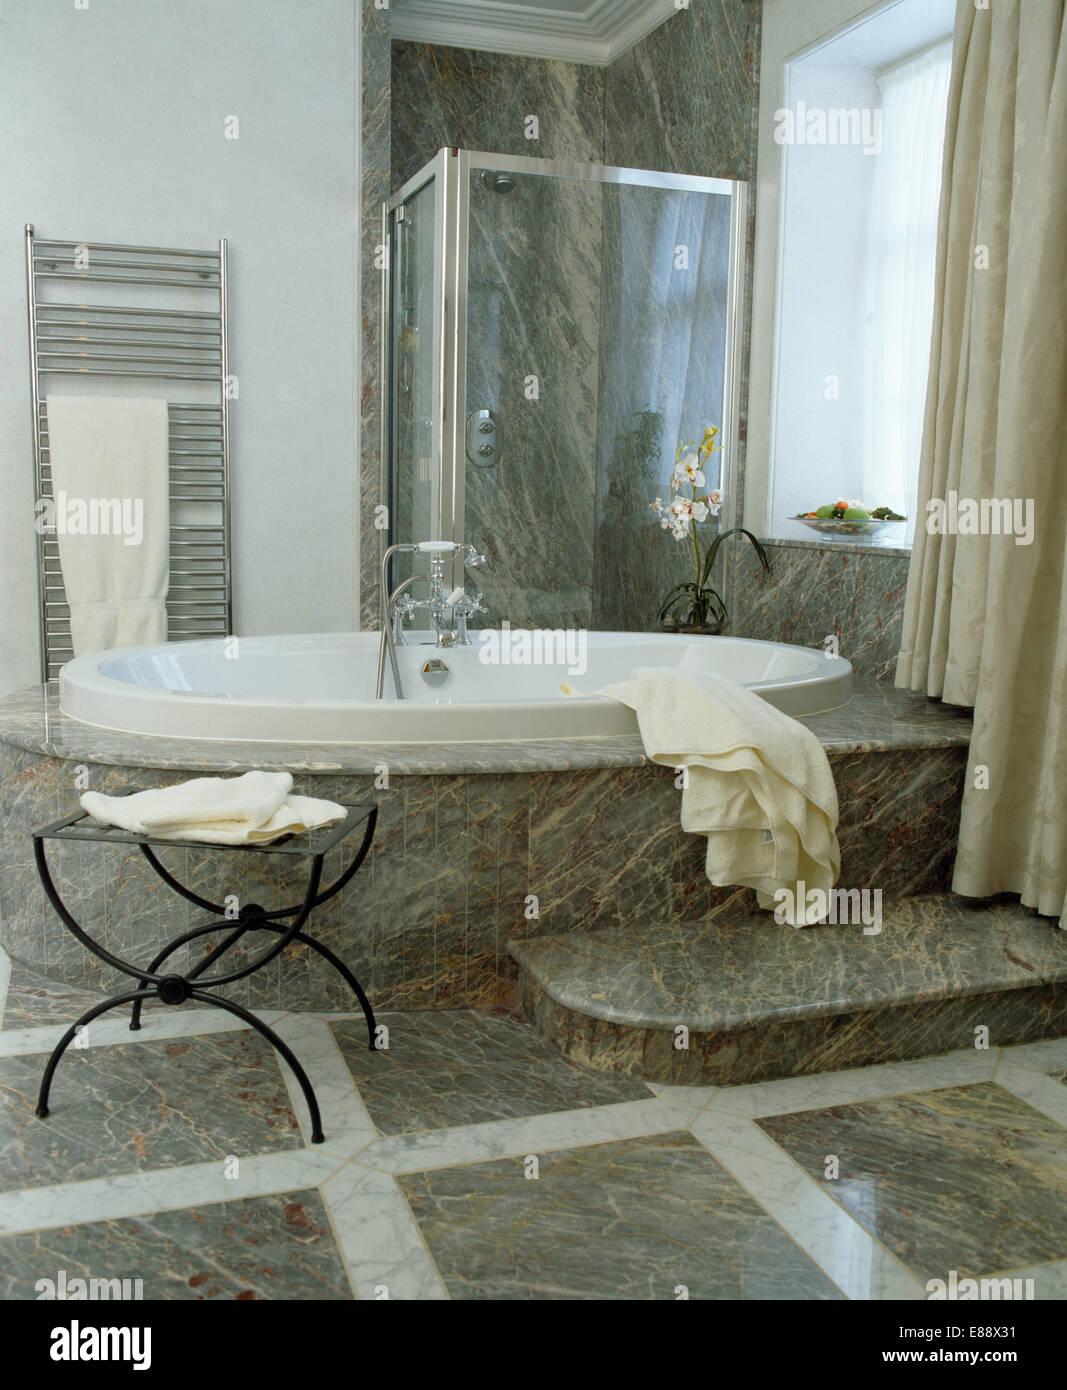 Bagno moderno grigio fabulous bagno moderno grigio with bagno moderno grigio amazing bagno - Piastrelle di marmo ...